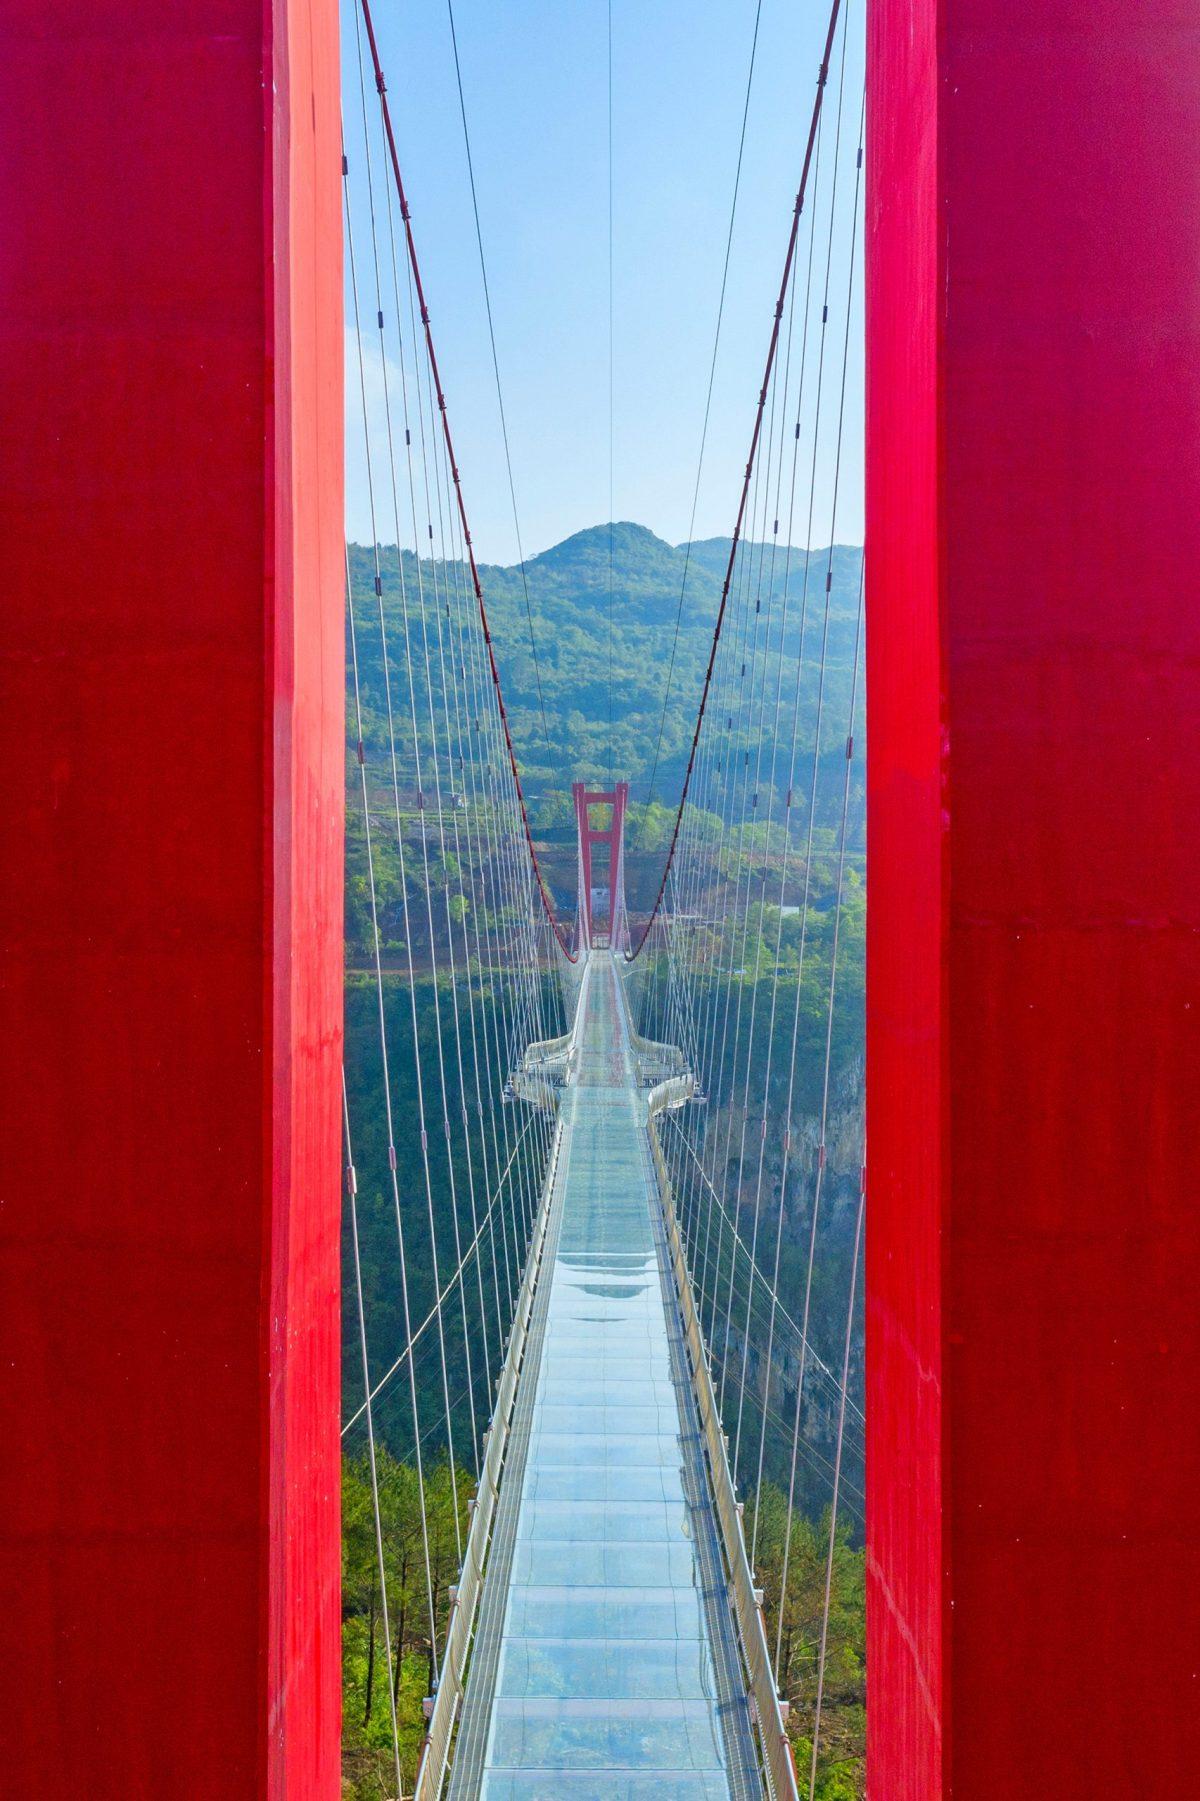 worlds-longest-glass-bridge-moss-and-fog-8